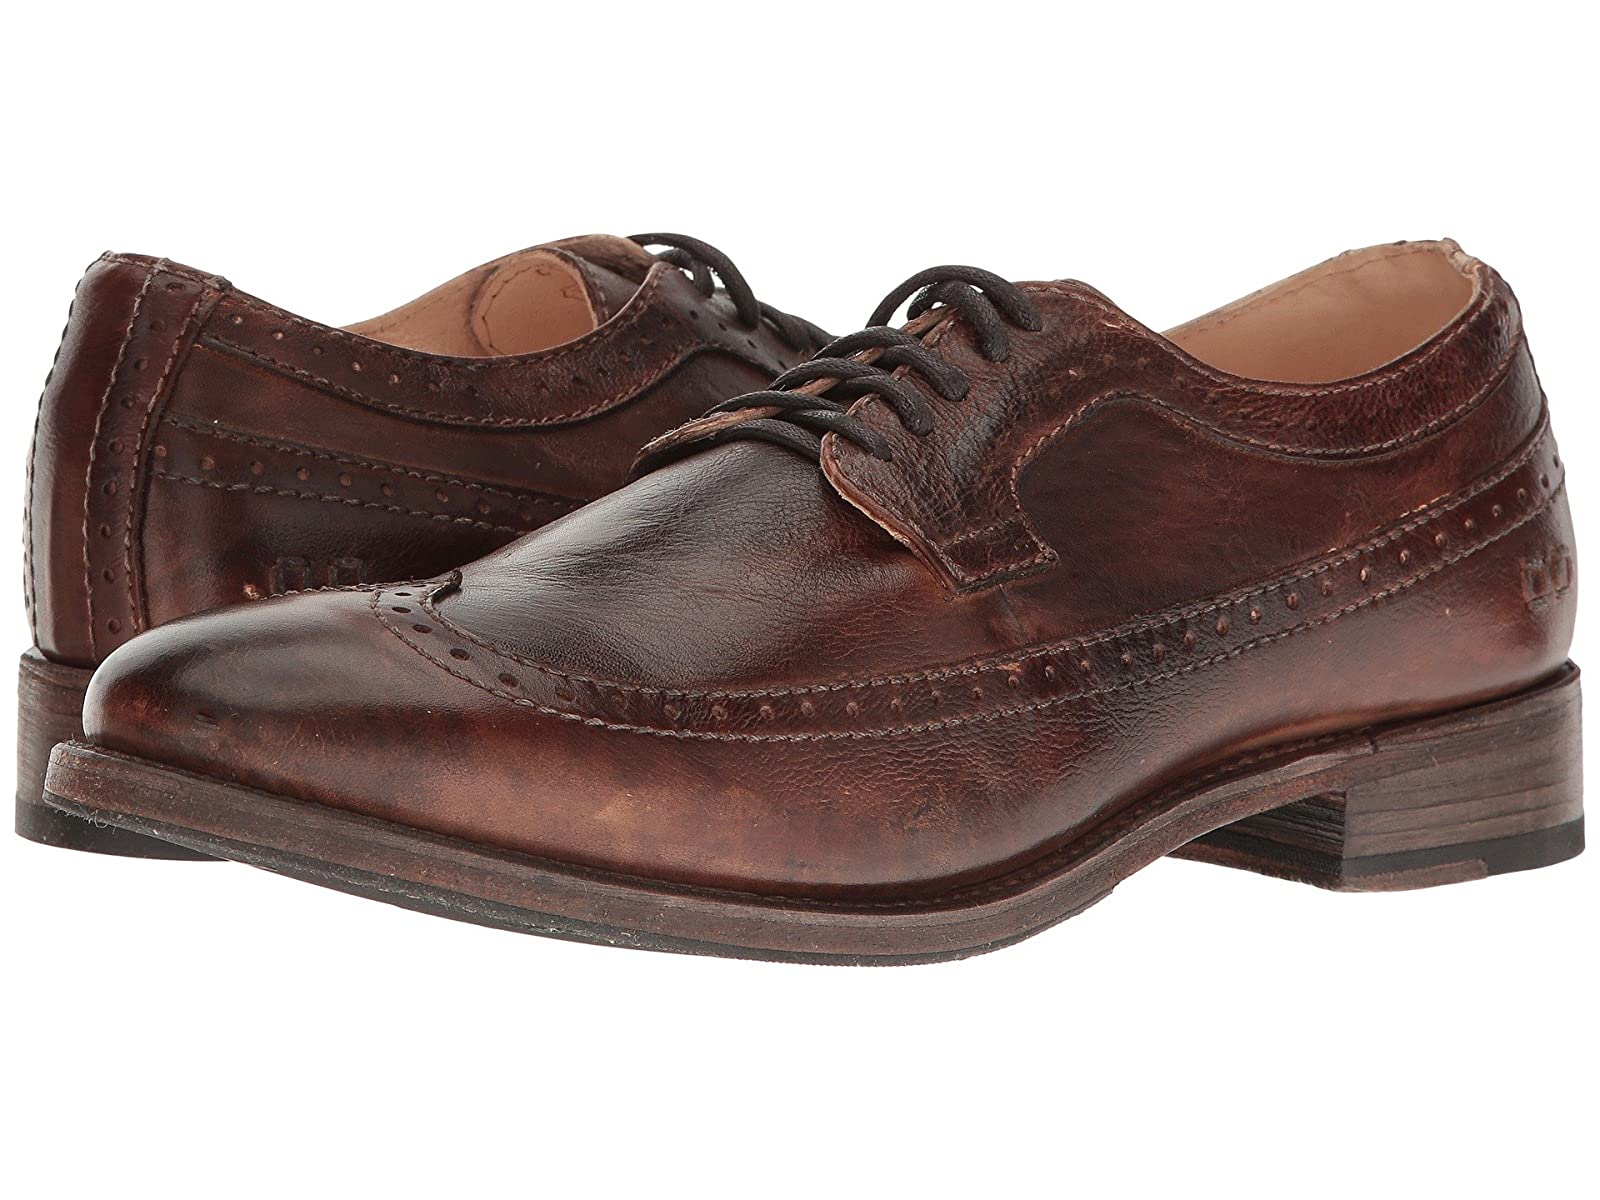 Bed Stu ShaleAtmospheric grades have affordable shoes